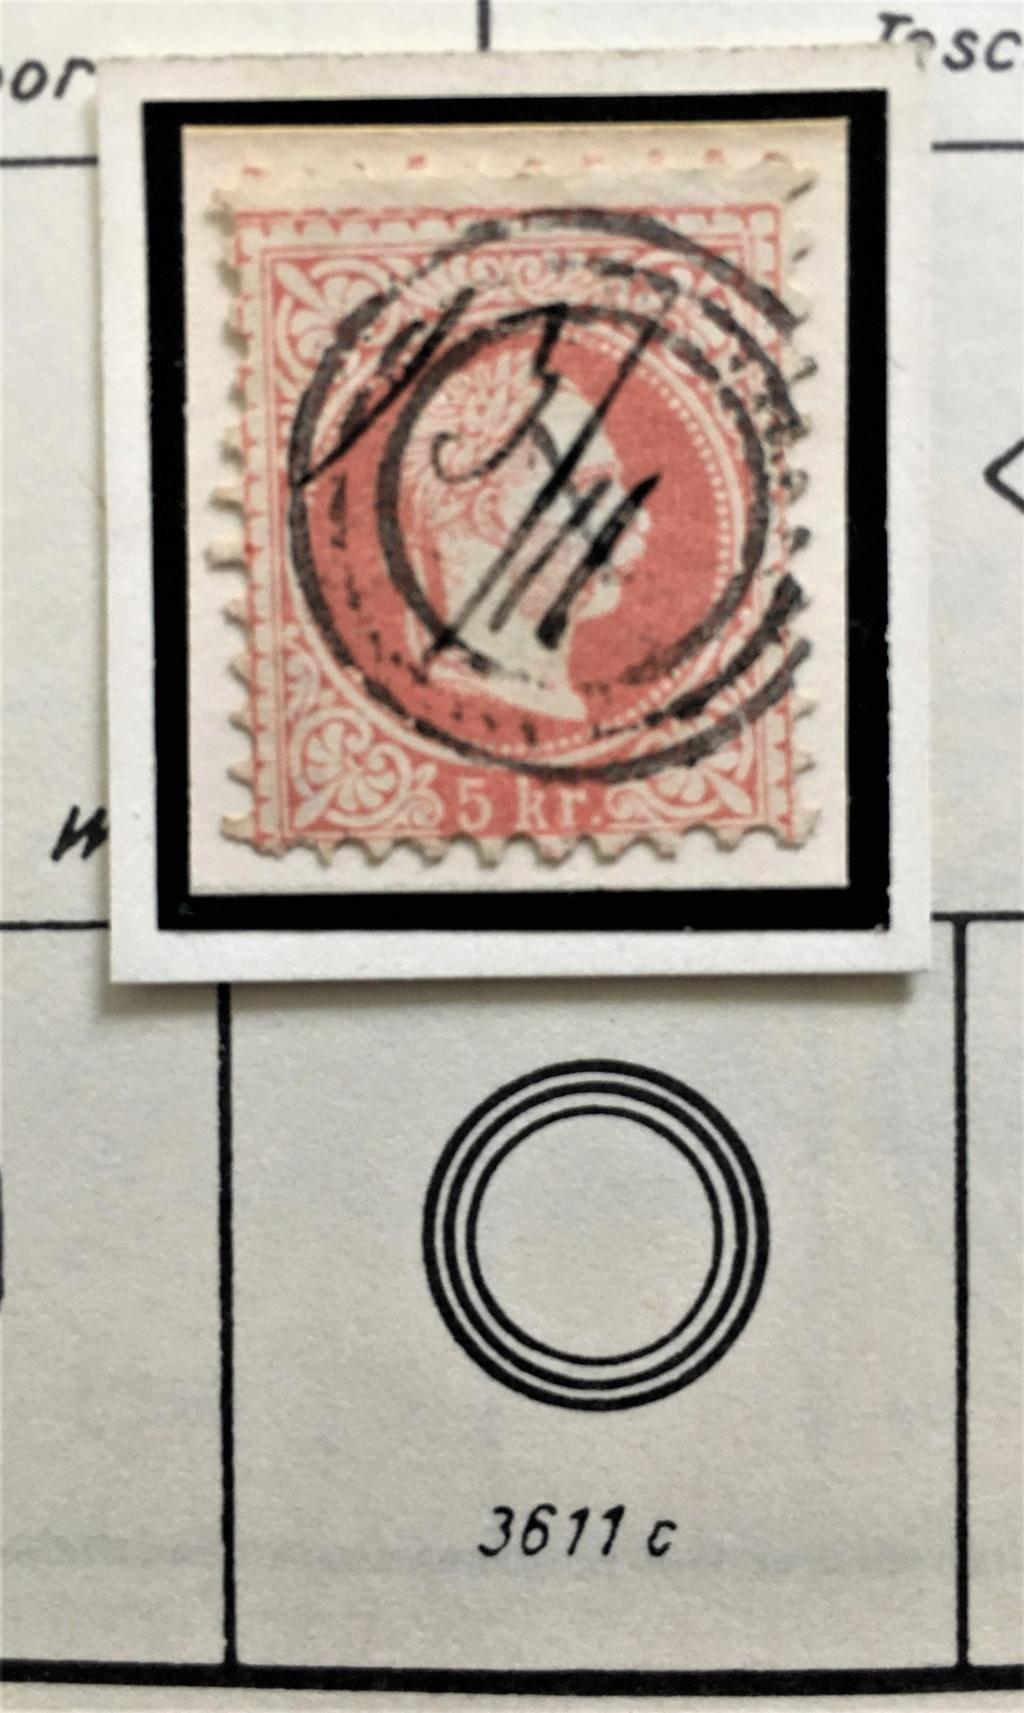 Nachtrag - Freimarken-Ausgabe 1867 : Kopfbildnis Kaiser Franz Joseph I - Seite 23 Kf110